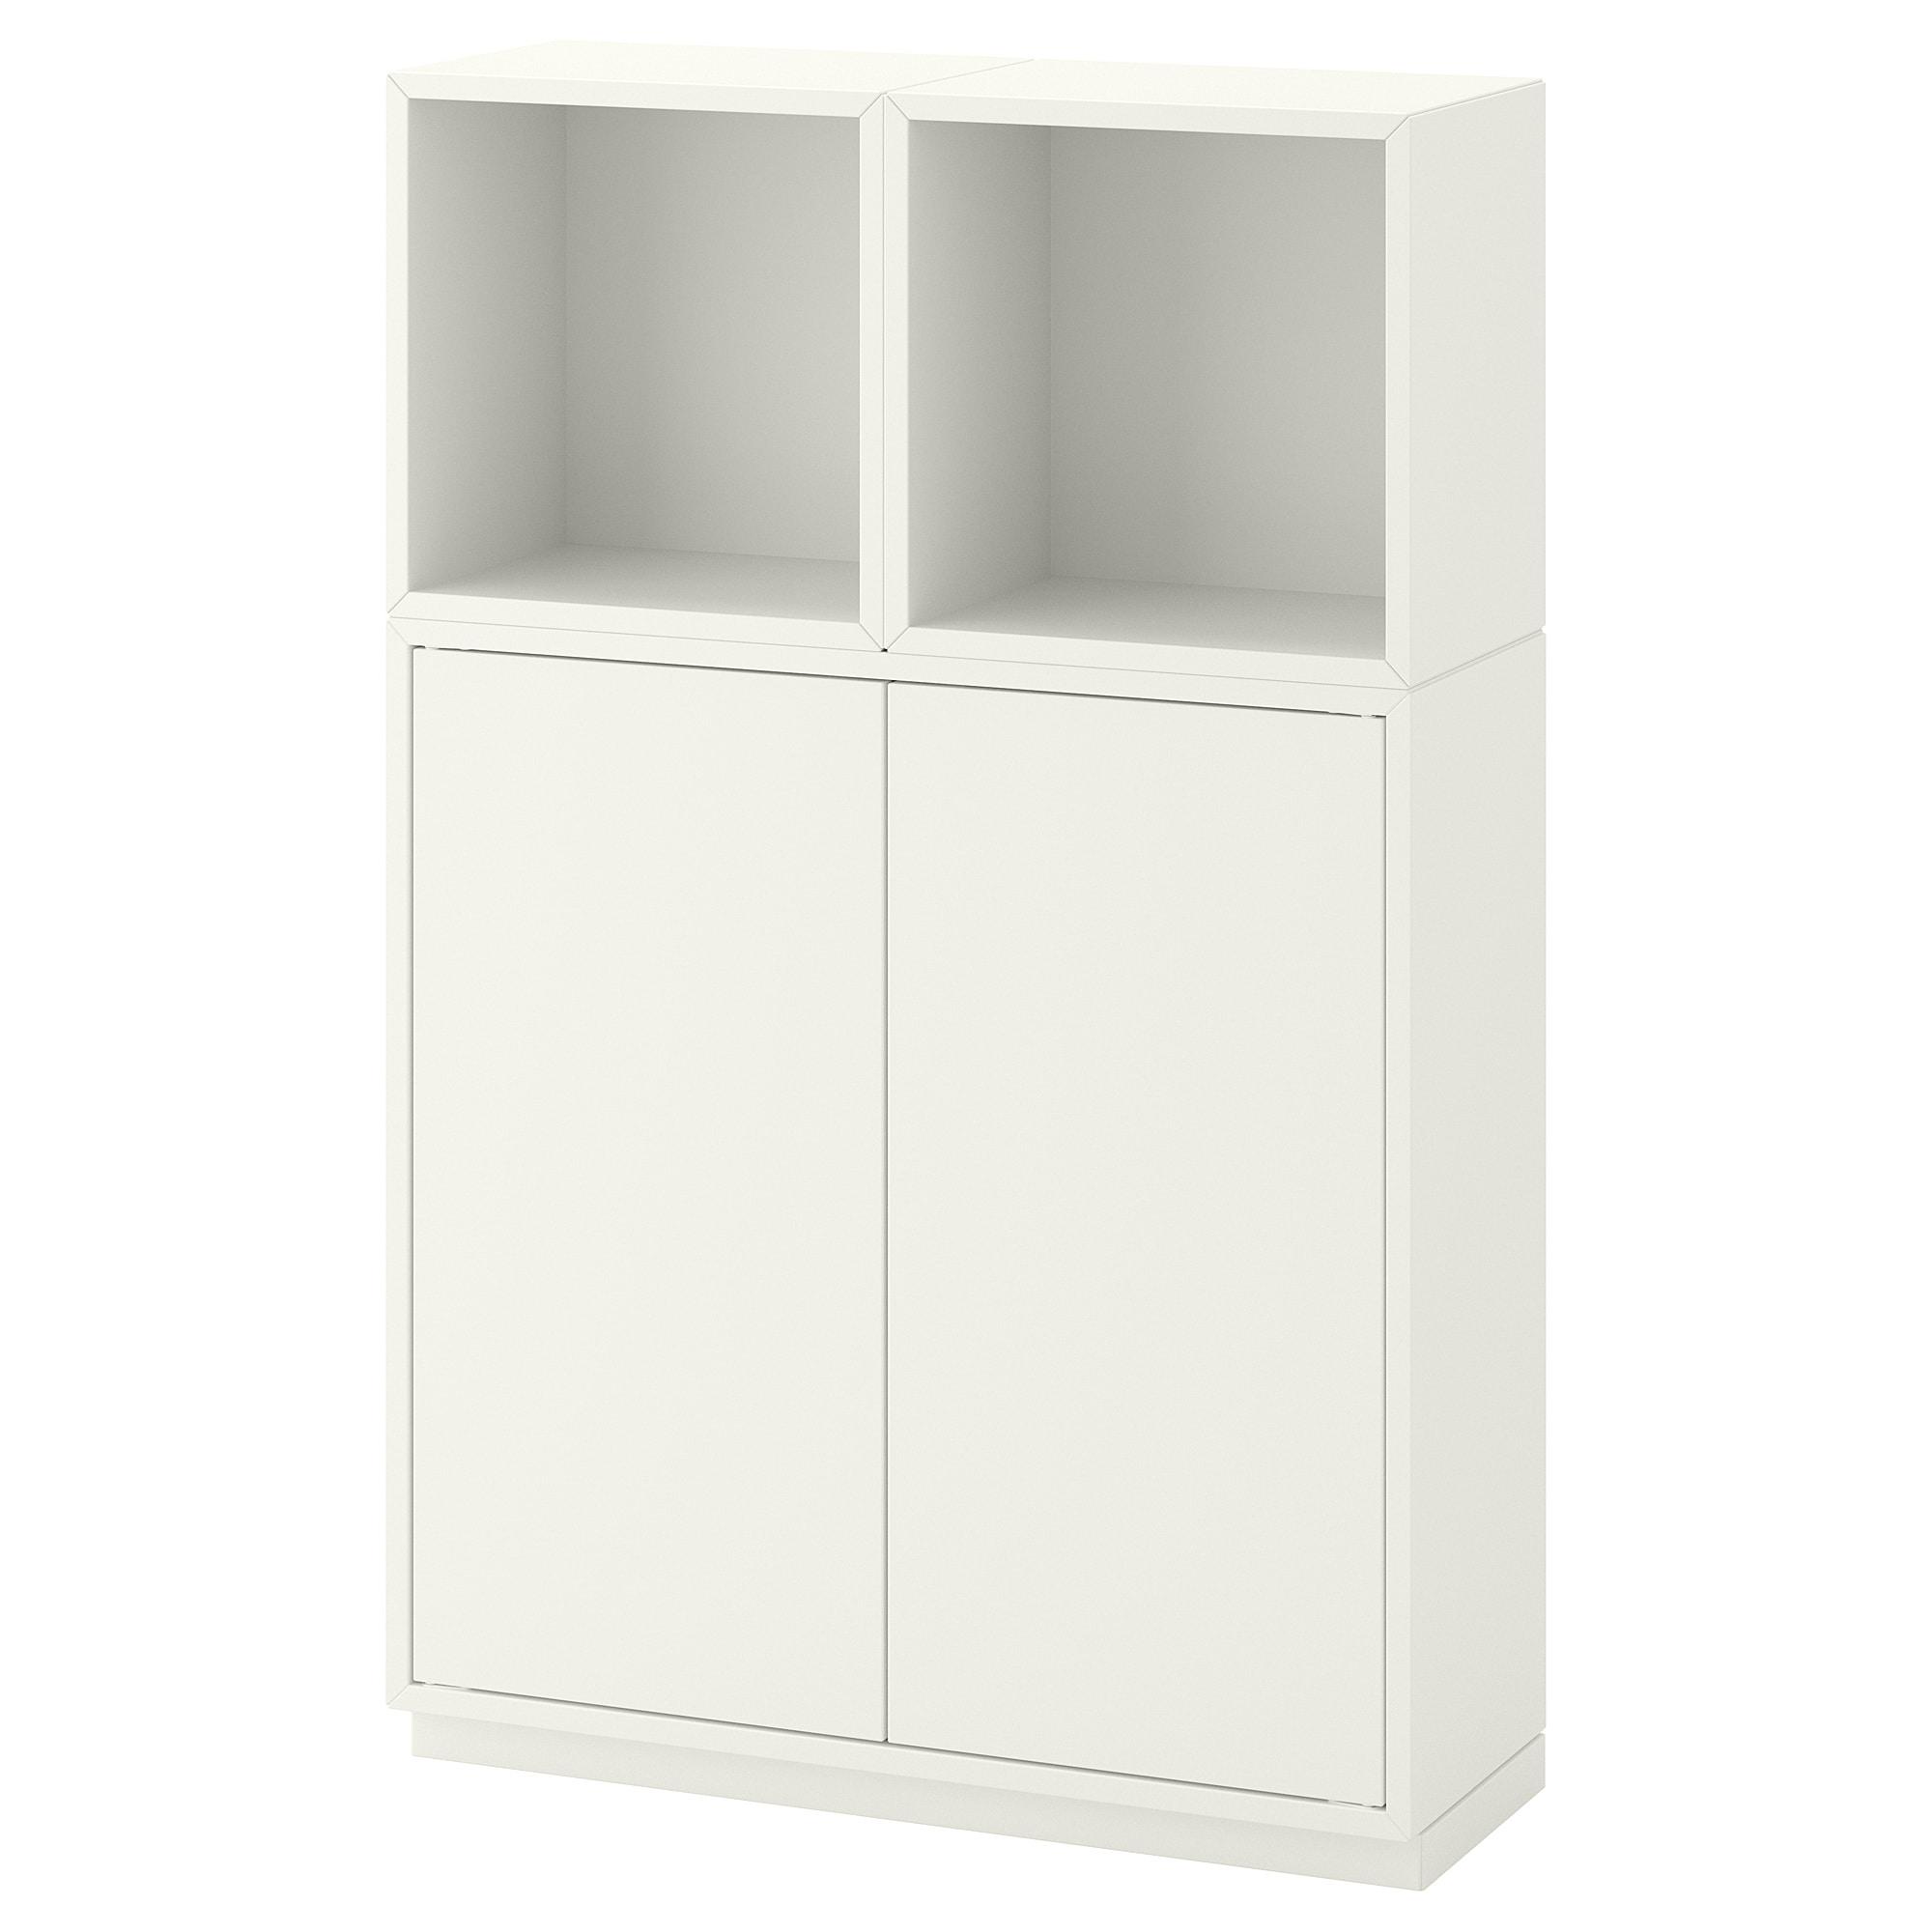 Комбинация шкафов с цоколем ЭКЕТ артикуль № 592.914.41 в наличии. Онлайн каталог IKEA РБ. Быстрая доставка и установка.